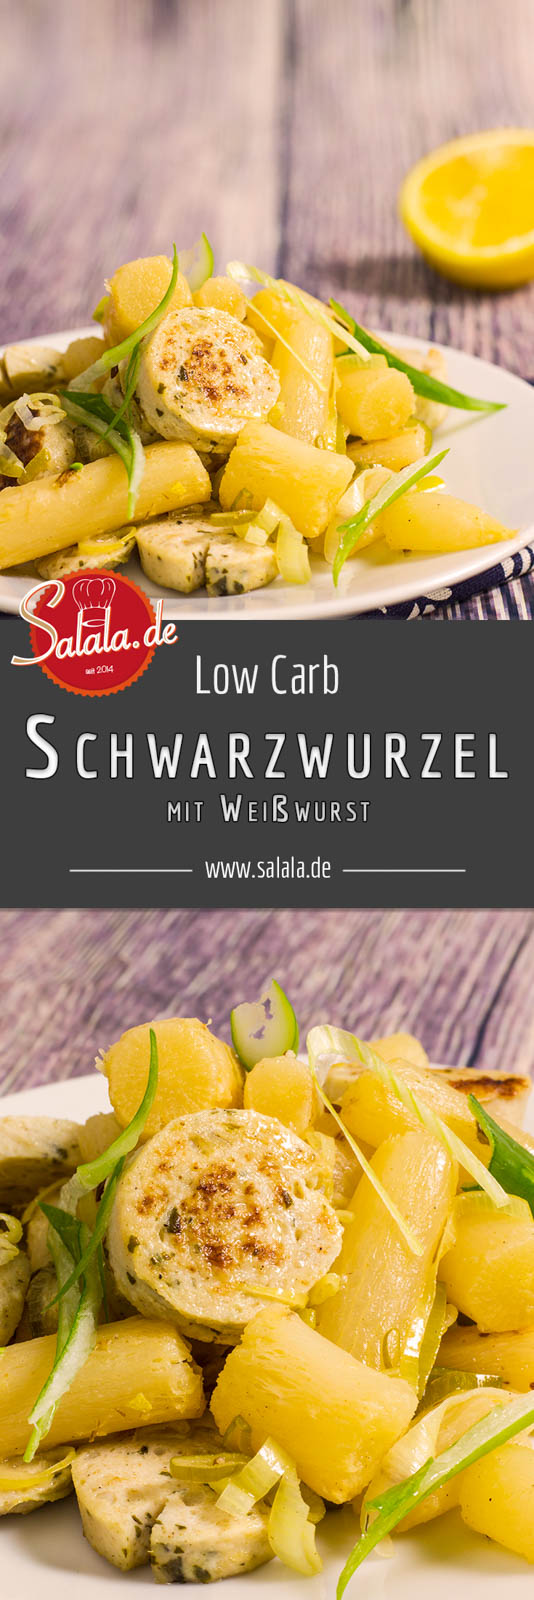 Schwarzwurzel mit Weißwurst - by salala.de -Rezept gebratene Weißwurst Low Carb salala.de Kümmel Frühlingszwiebeln verboten Ballaststoffreich Inulin